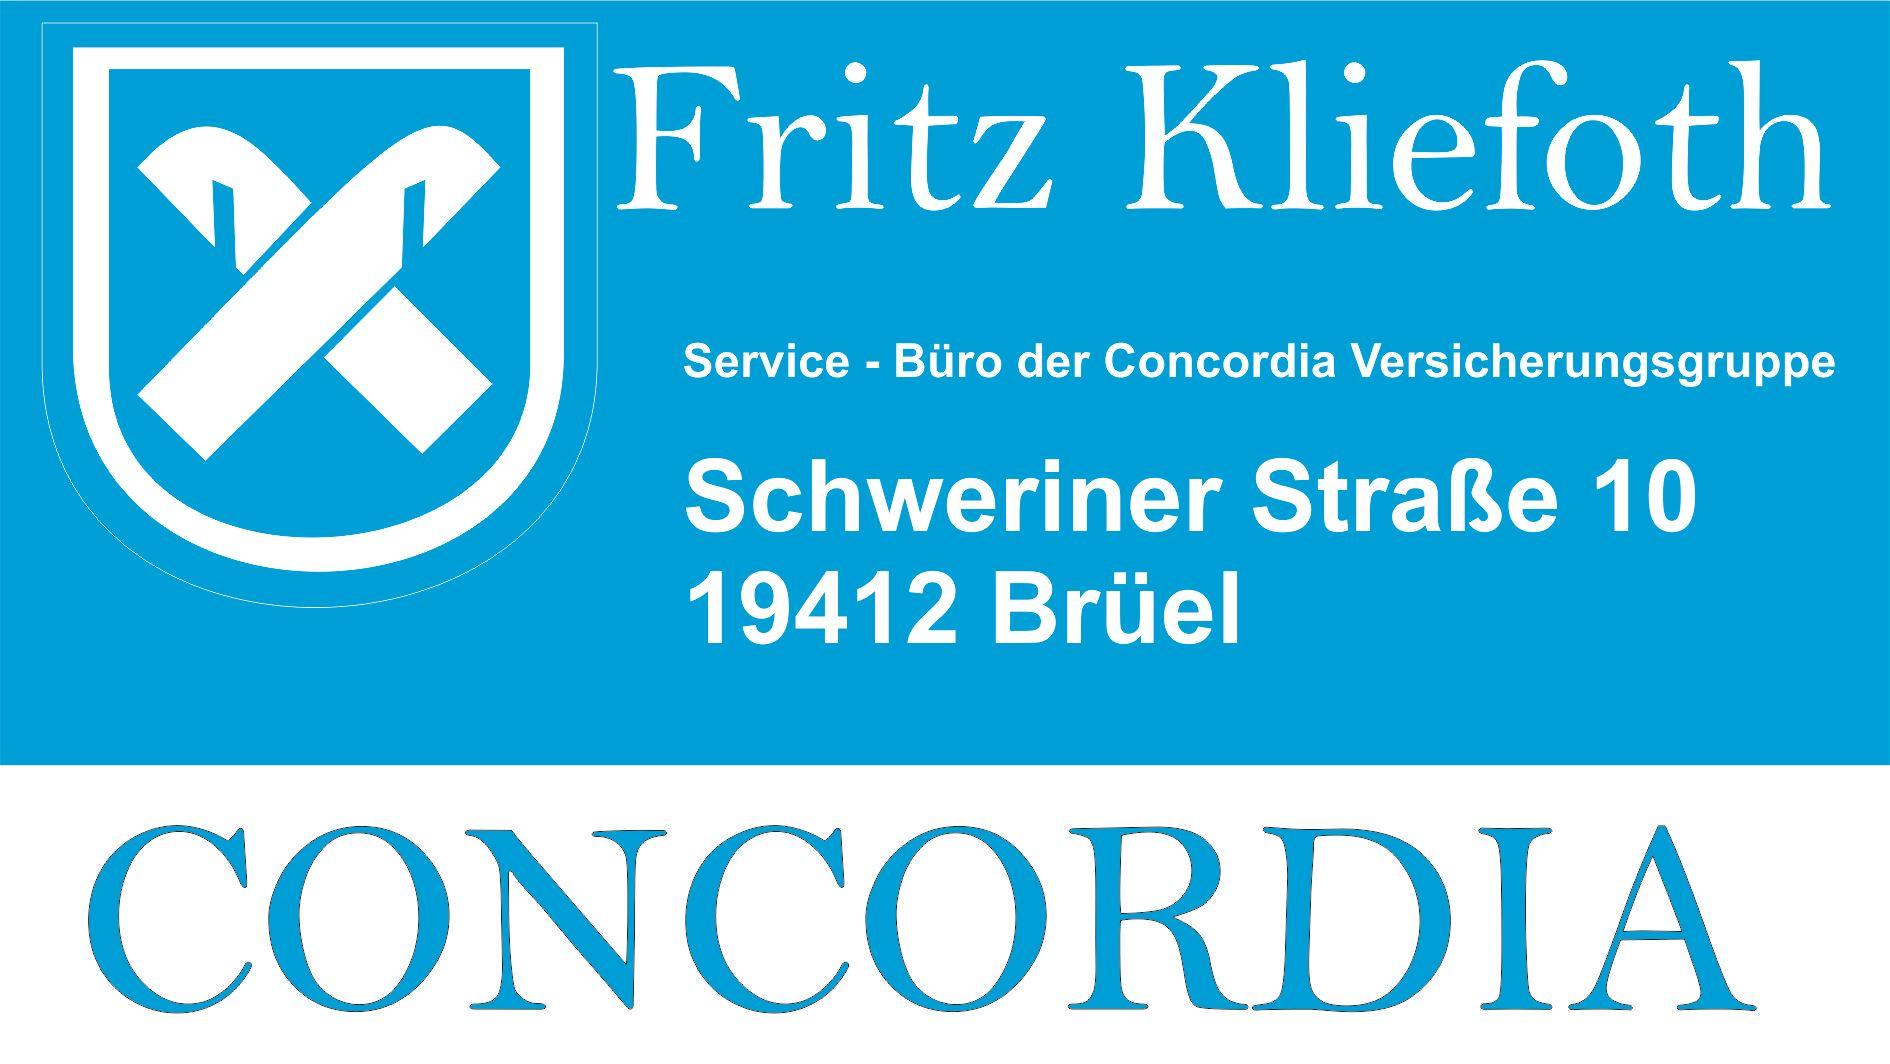 Concordia Versicherung Fritz Kliefoth